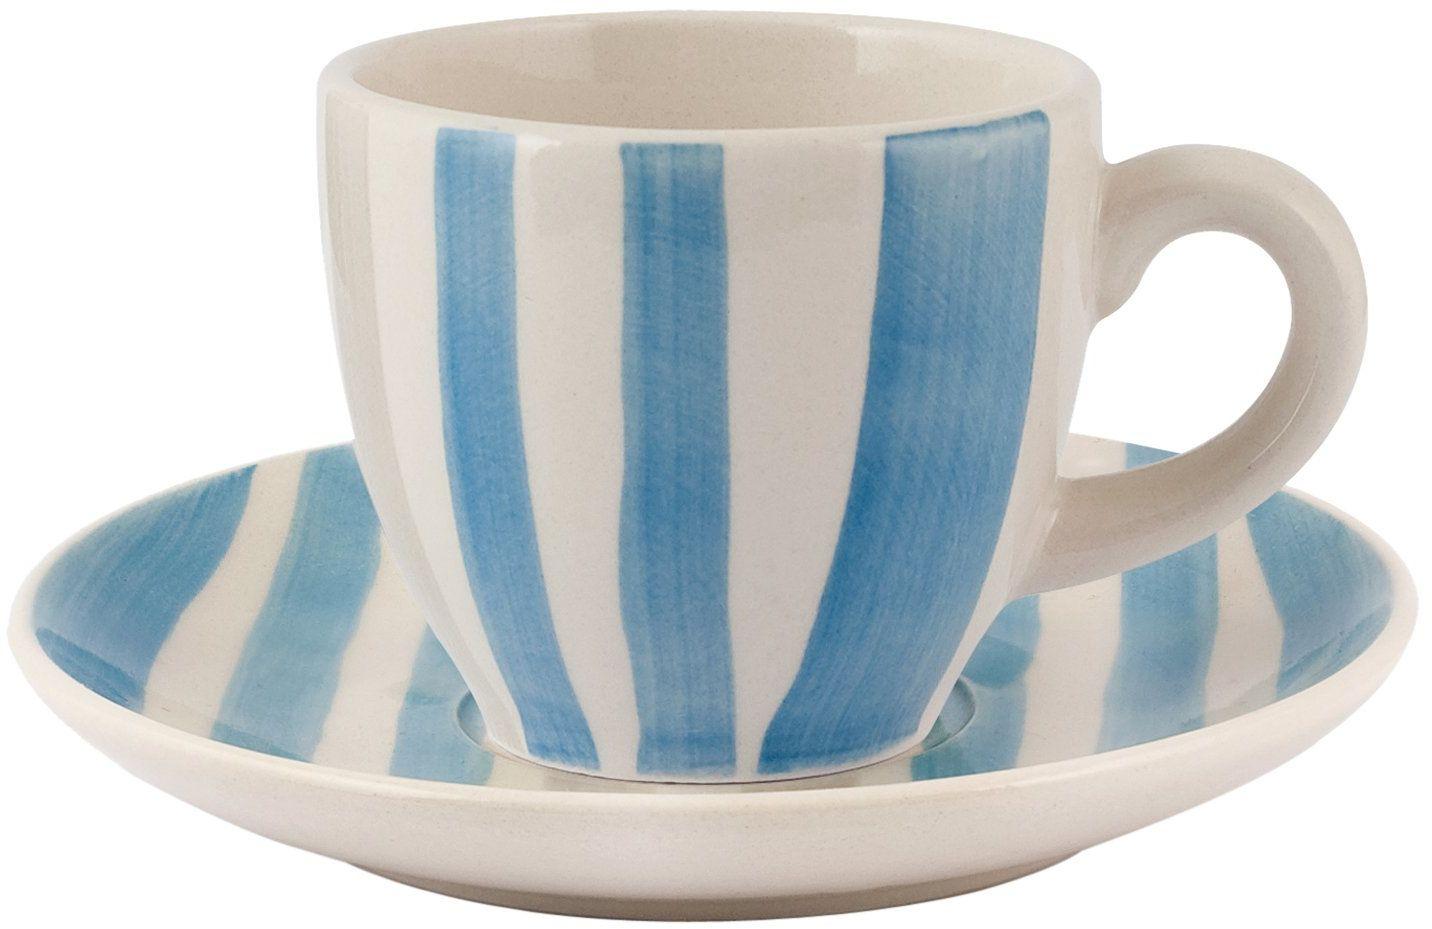 H&H Vela zestaw filiżanek do kawy z talerzem, kamionka, czerwony/niebieski, 100 ml, 6 sztuk